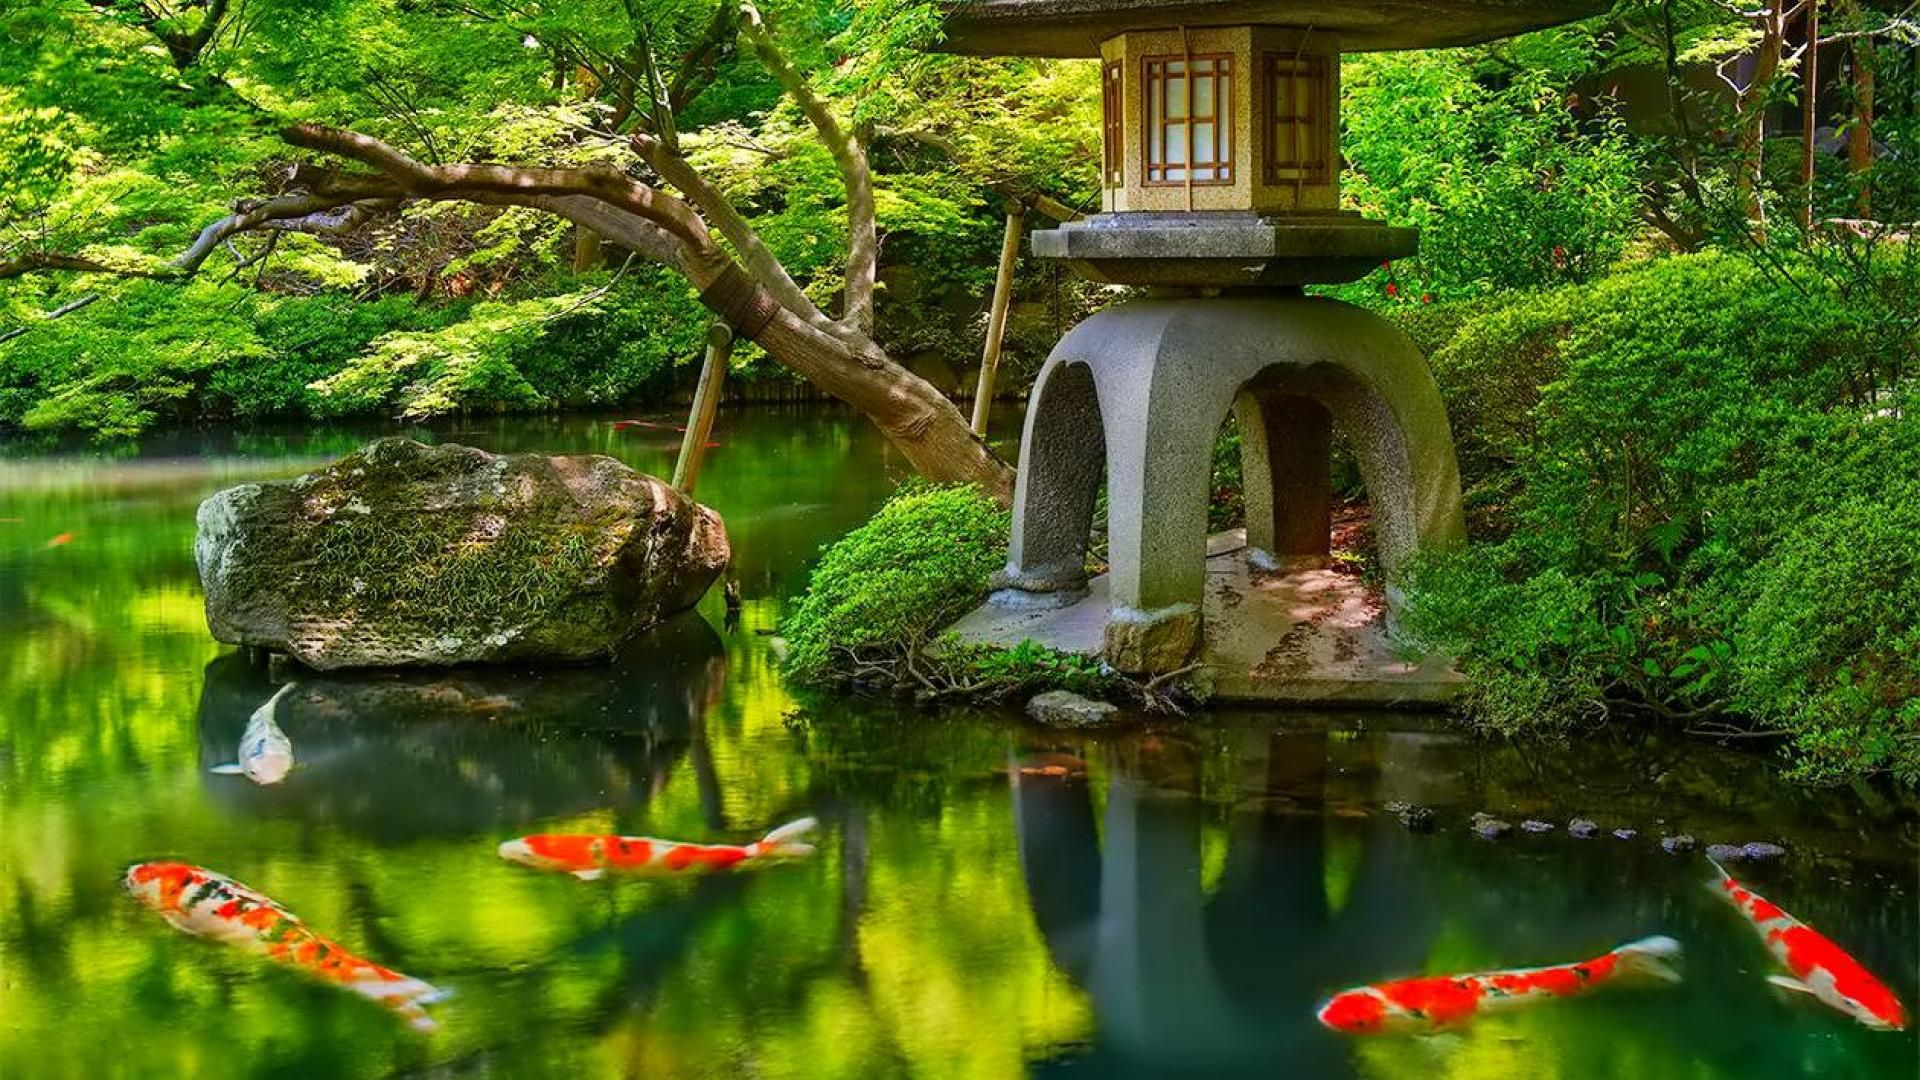 Japanese garden wallpaper buscar con google dise o for Jardin 5 thoiry